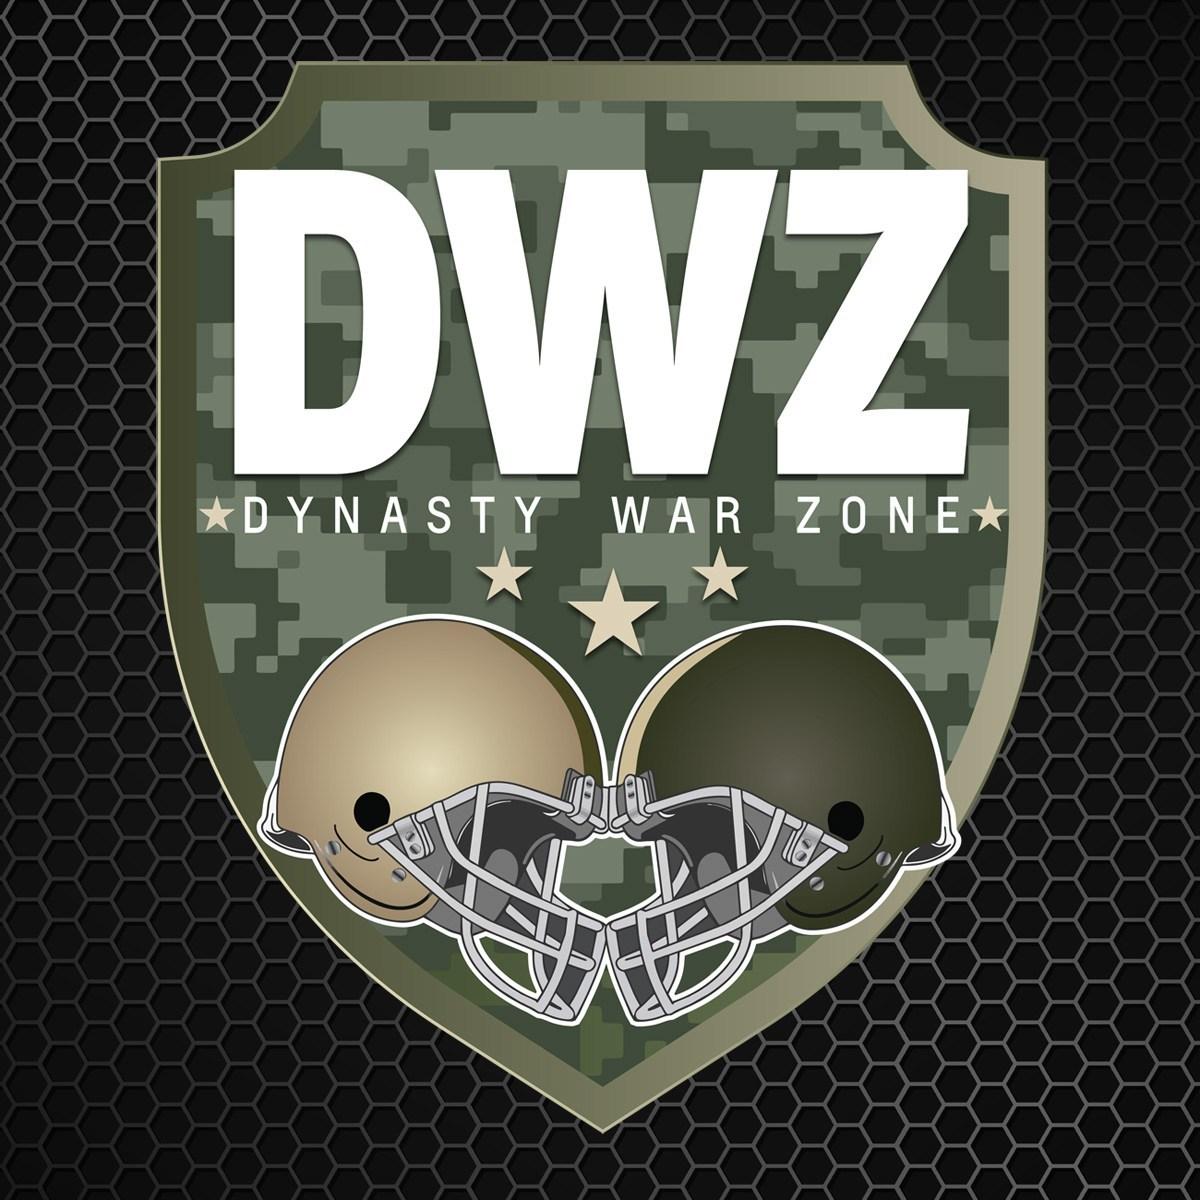 Dynasty War Zone podcast logo